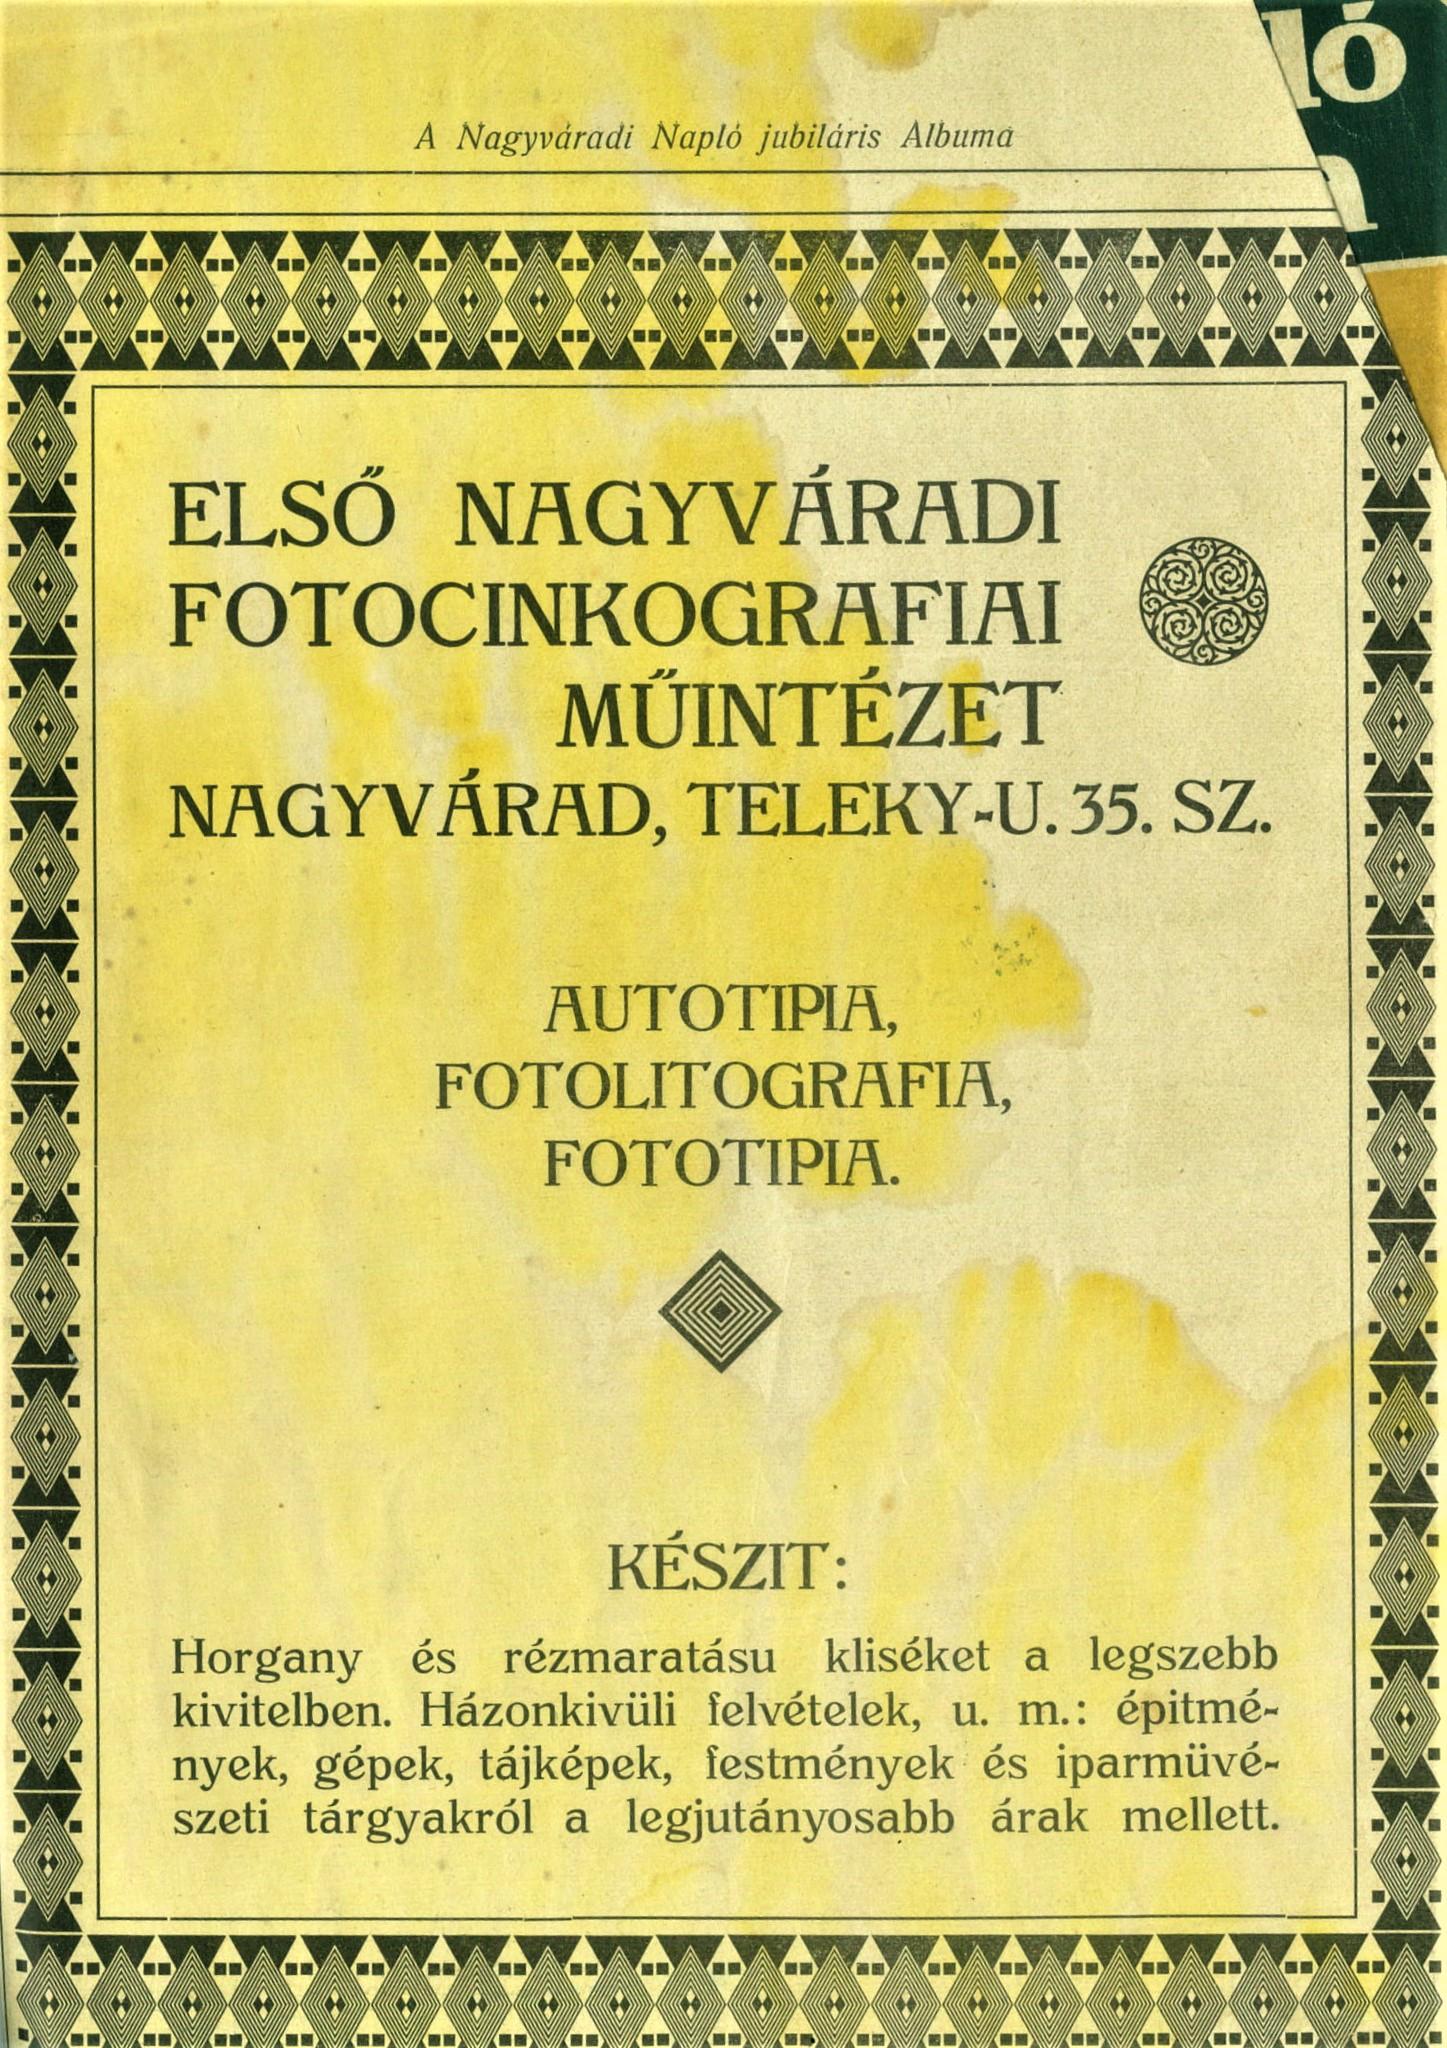 img-z18172920-1.jpg